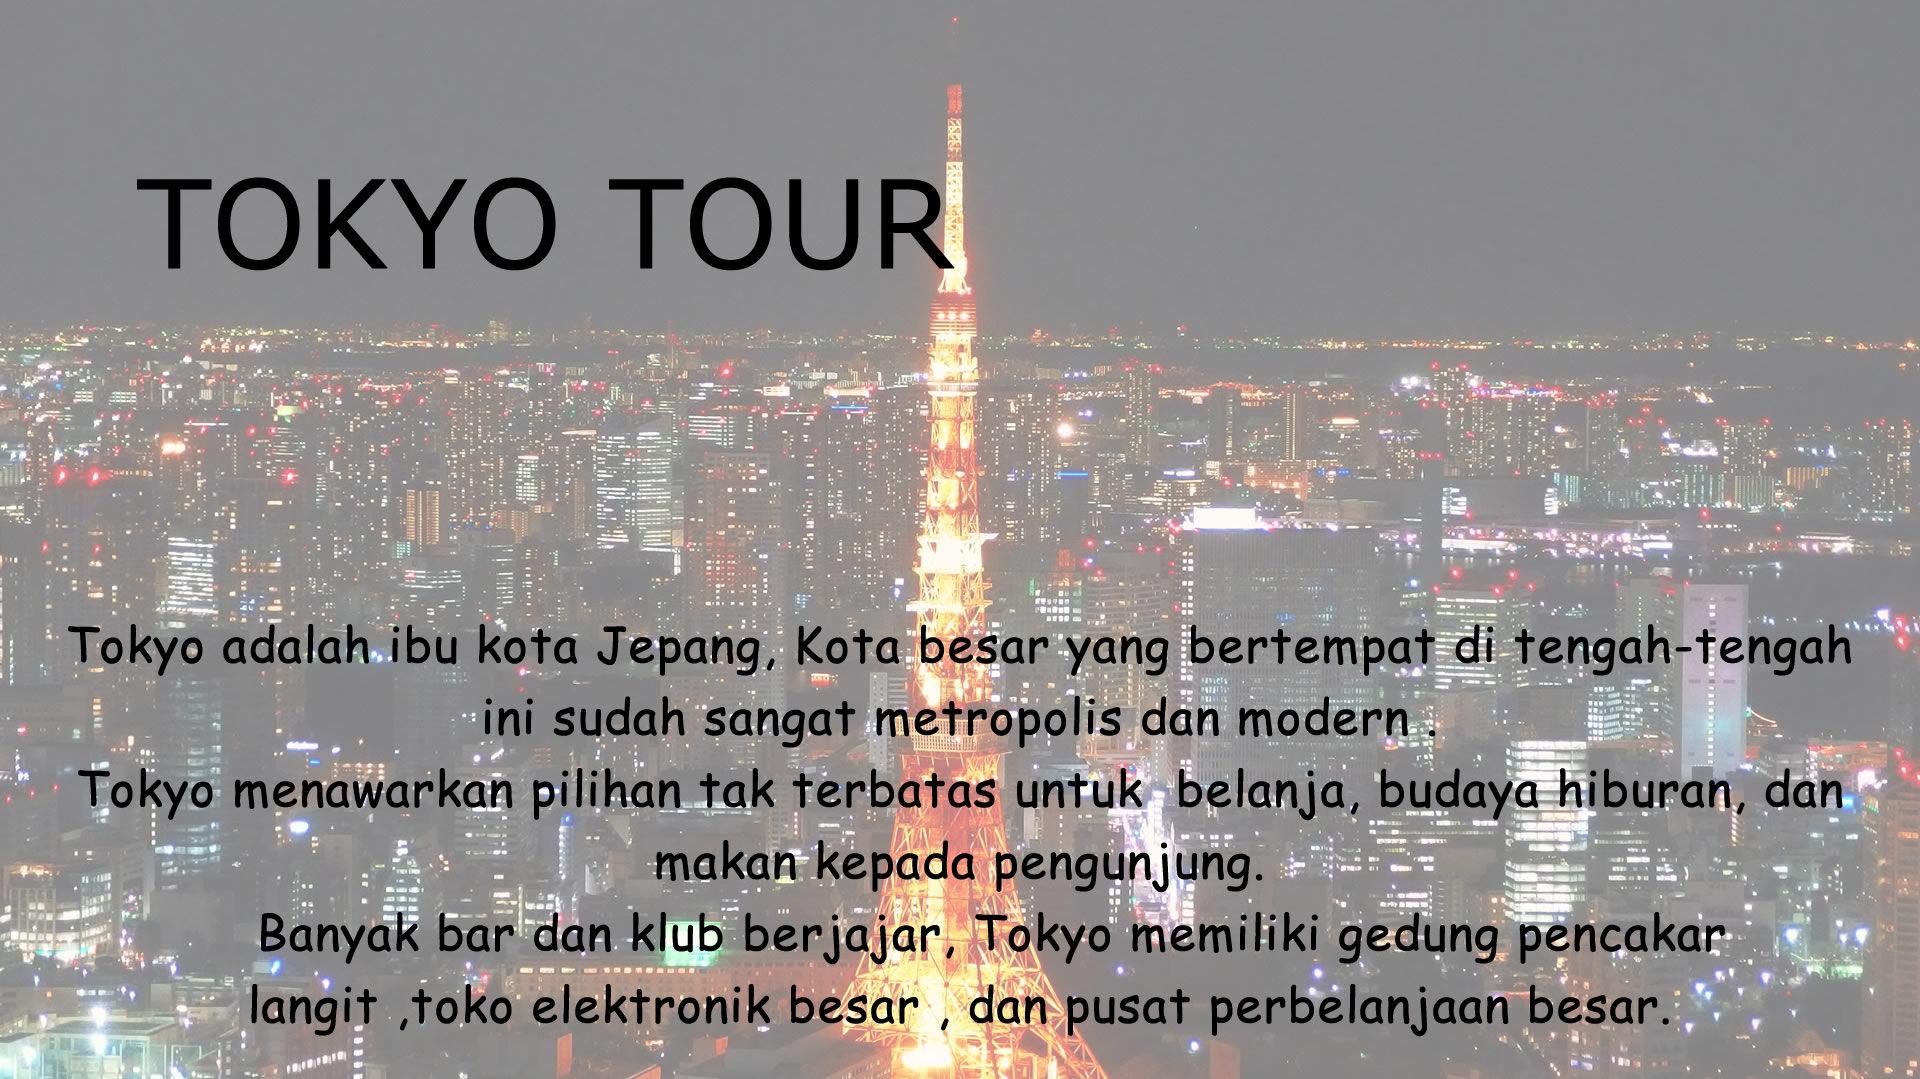 Tokyo adalah ibu kota Jepang, Kota besar yang bertempat di tengah-tengah ini sudah sangat metropolis dan modern .  Tokyo menawarkan pilihan tak terbatas untuk  belanja, budaya hiburan, dan makan kepada pengunjung.     Banyak bar dan klub berjajar, Tokyo memiliki gedung pencakar langit ,toko elektronik besar , dan pusat perbelanjaan besar.